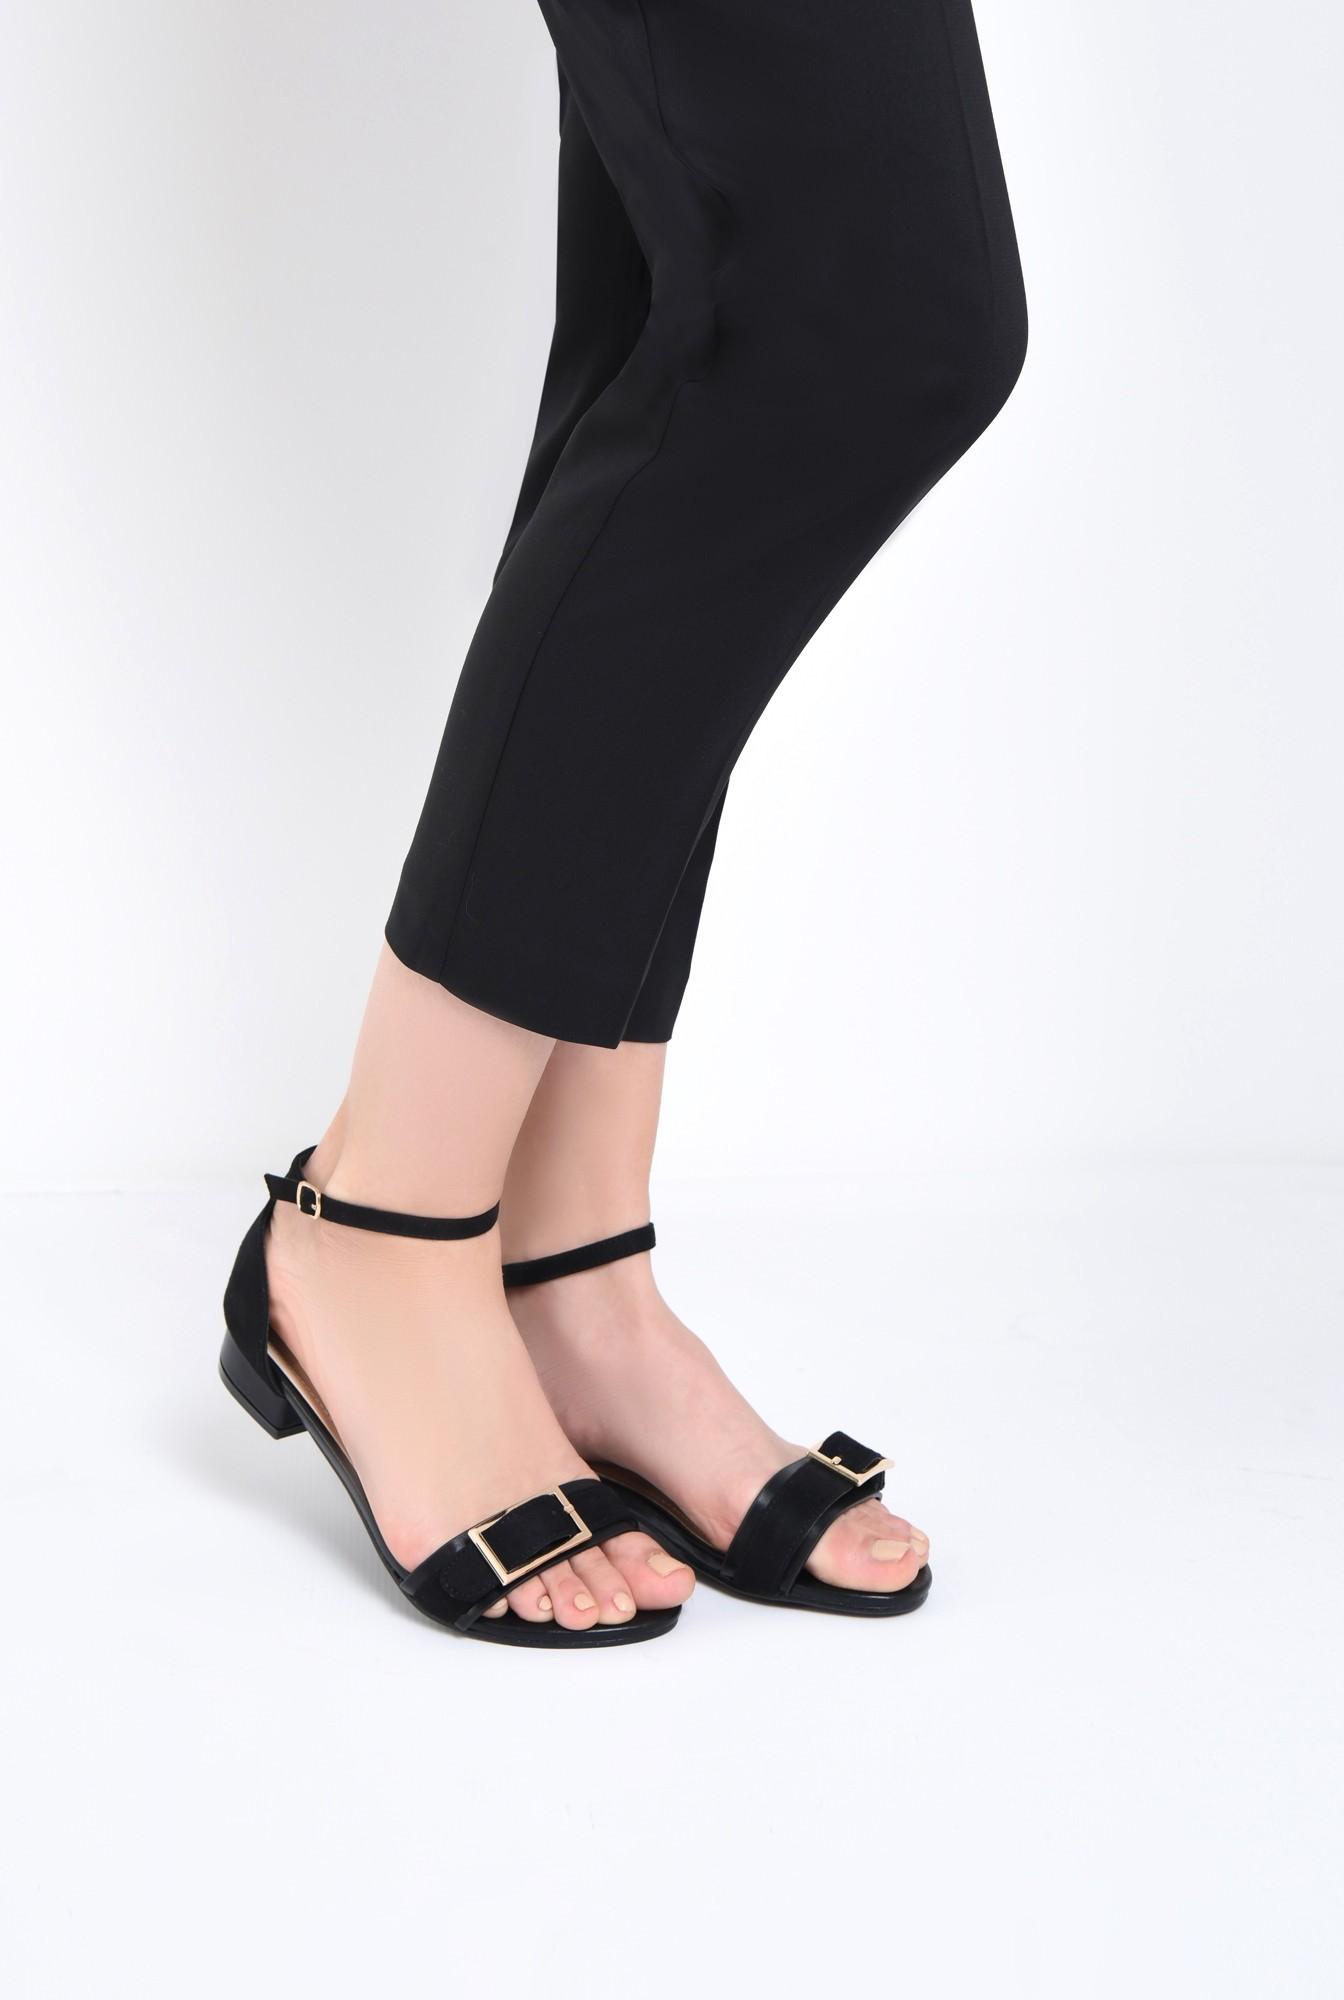 4 - sandale comode, cu talpa joasa, negre, din velur, catarama decorativa aurie